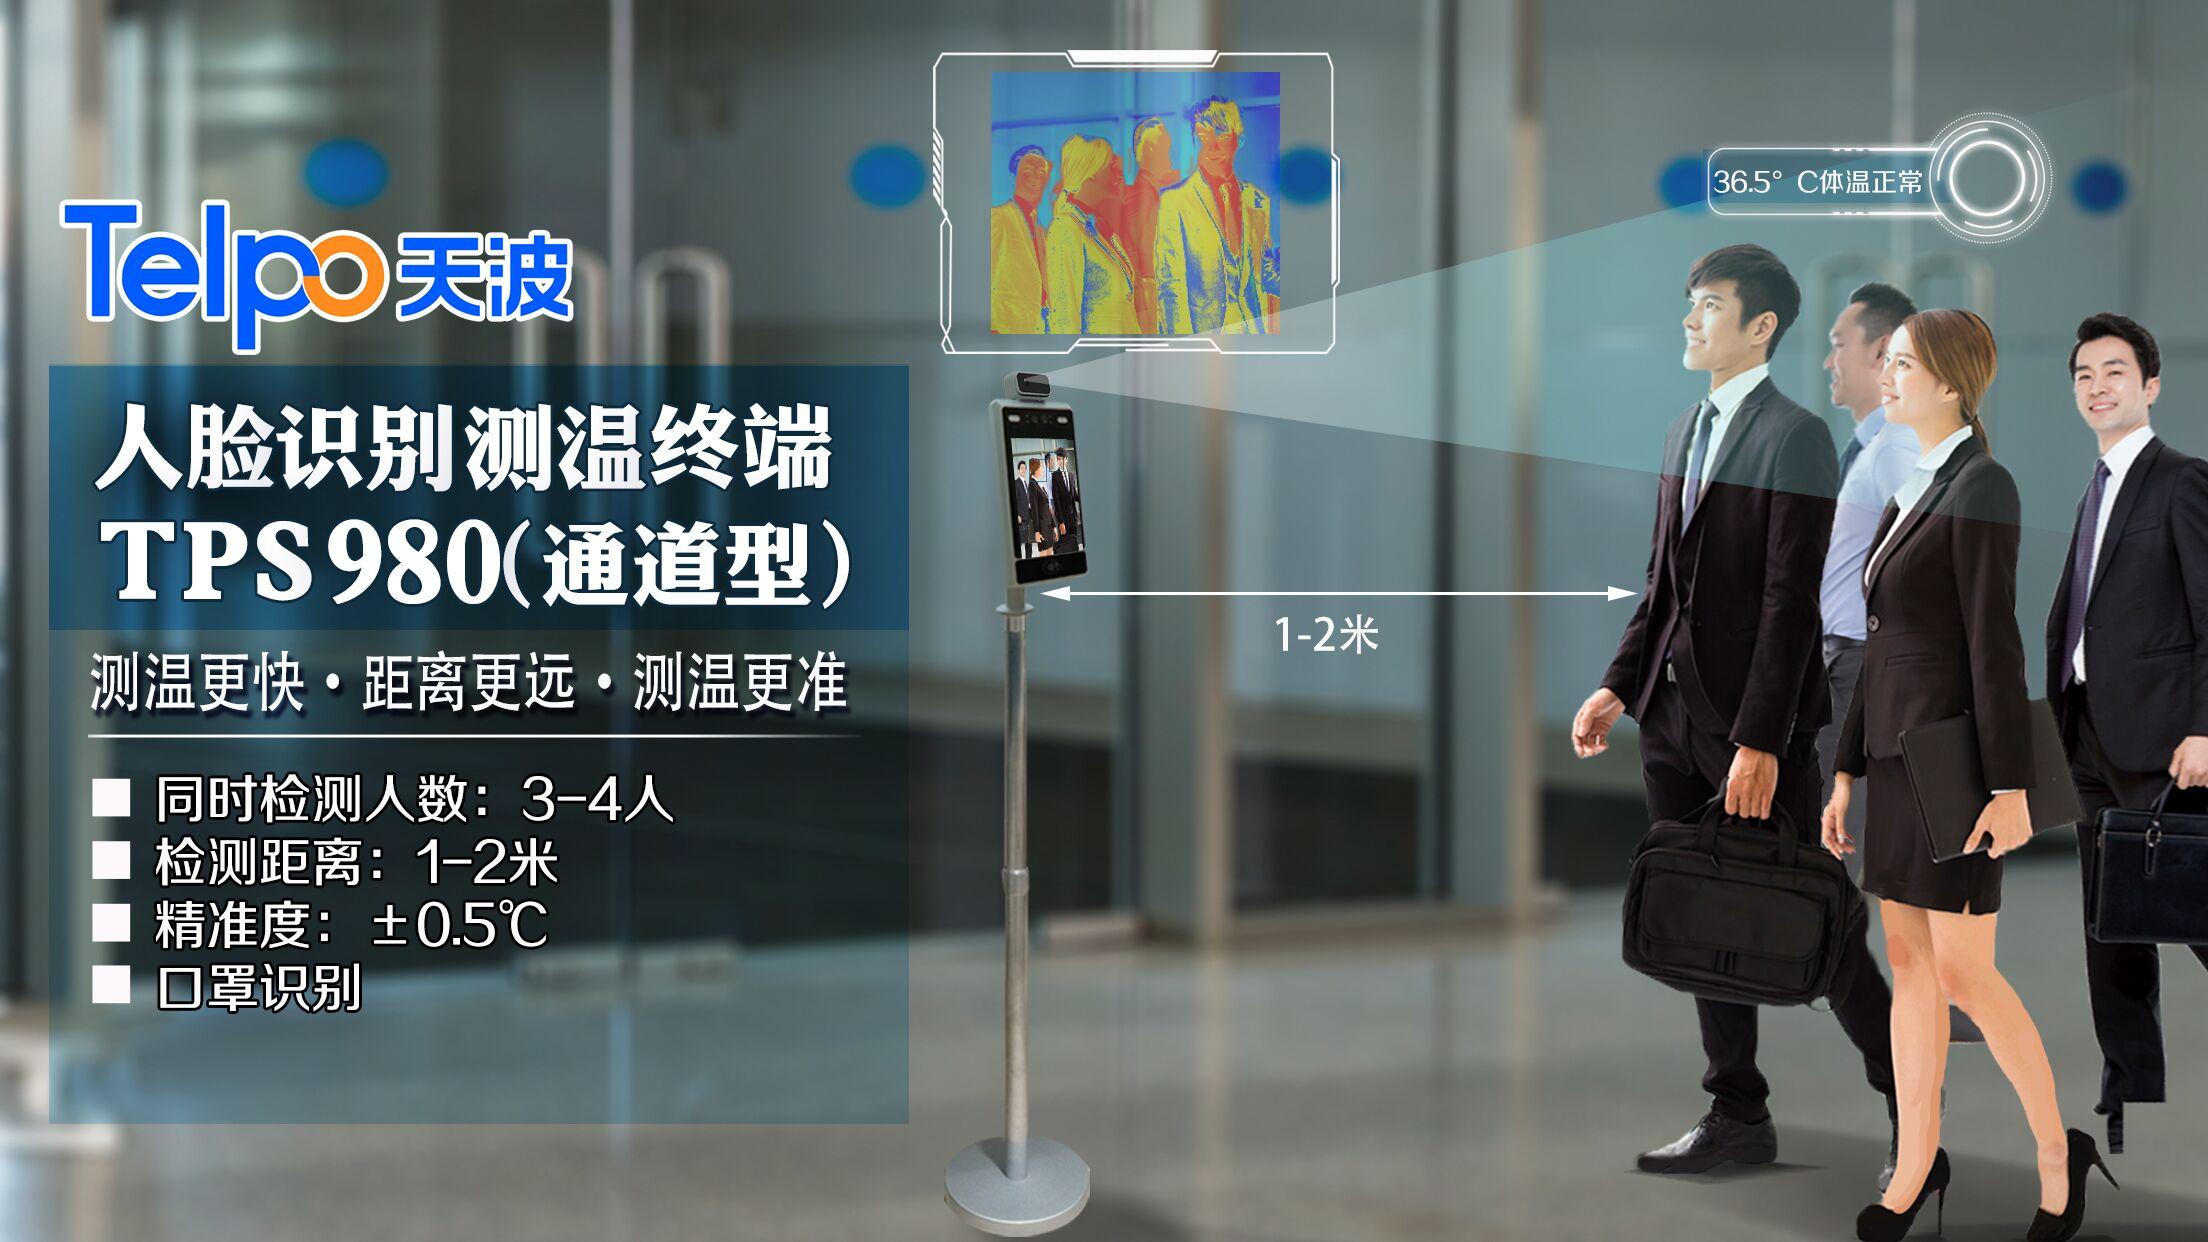 天波人脸识别测温终端TPS980(多人测温版).jpg